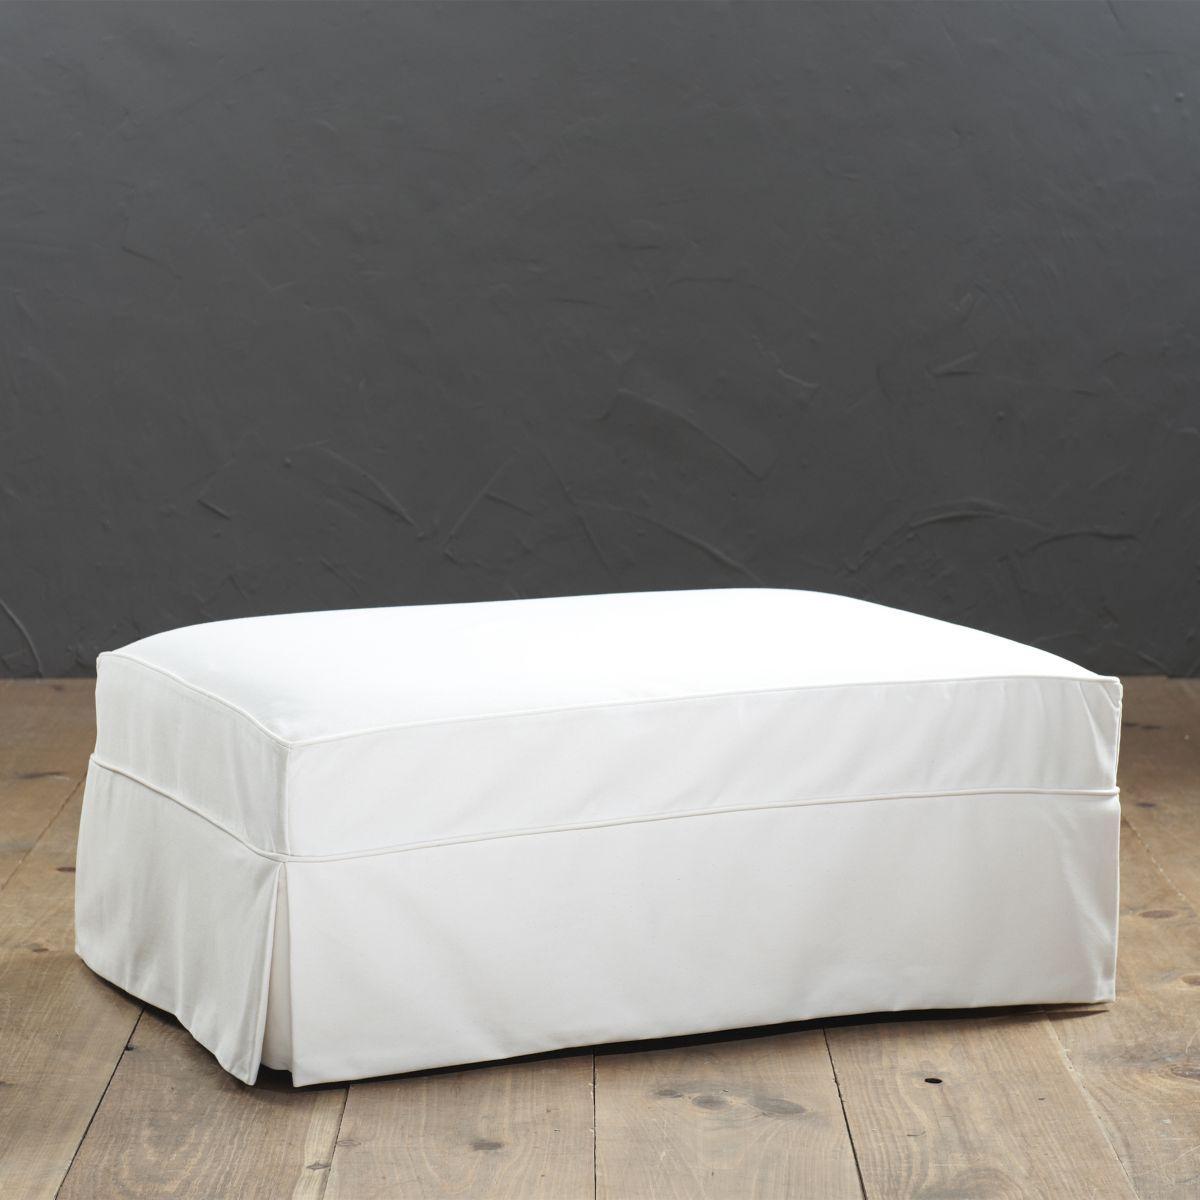 Awe Inspiring Graham Storage Ottoman Slipcover Special Order Fabrics Short Links Chair Design For Home Short Linksinfo